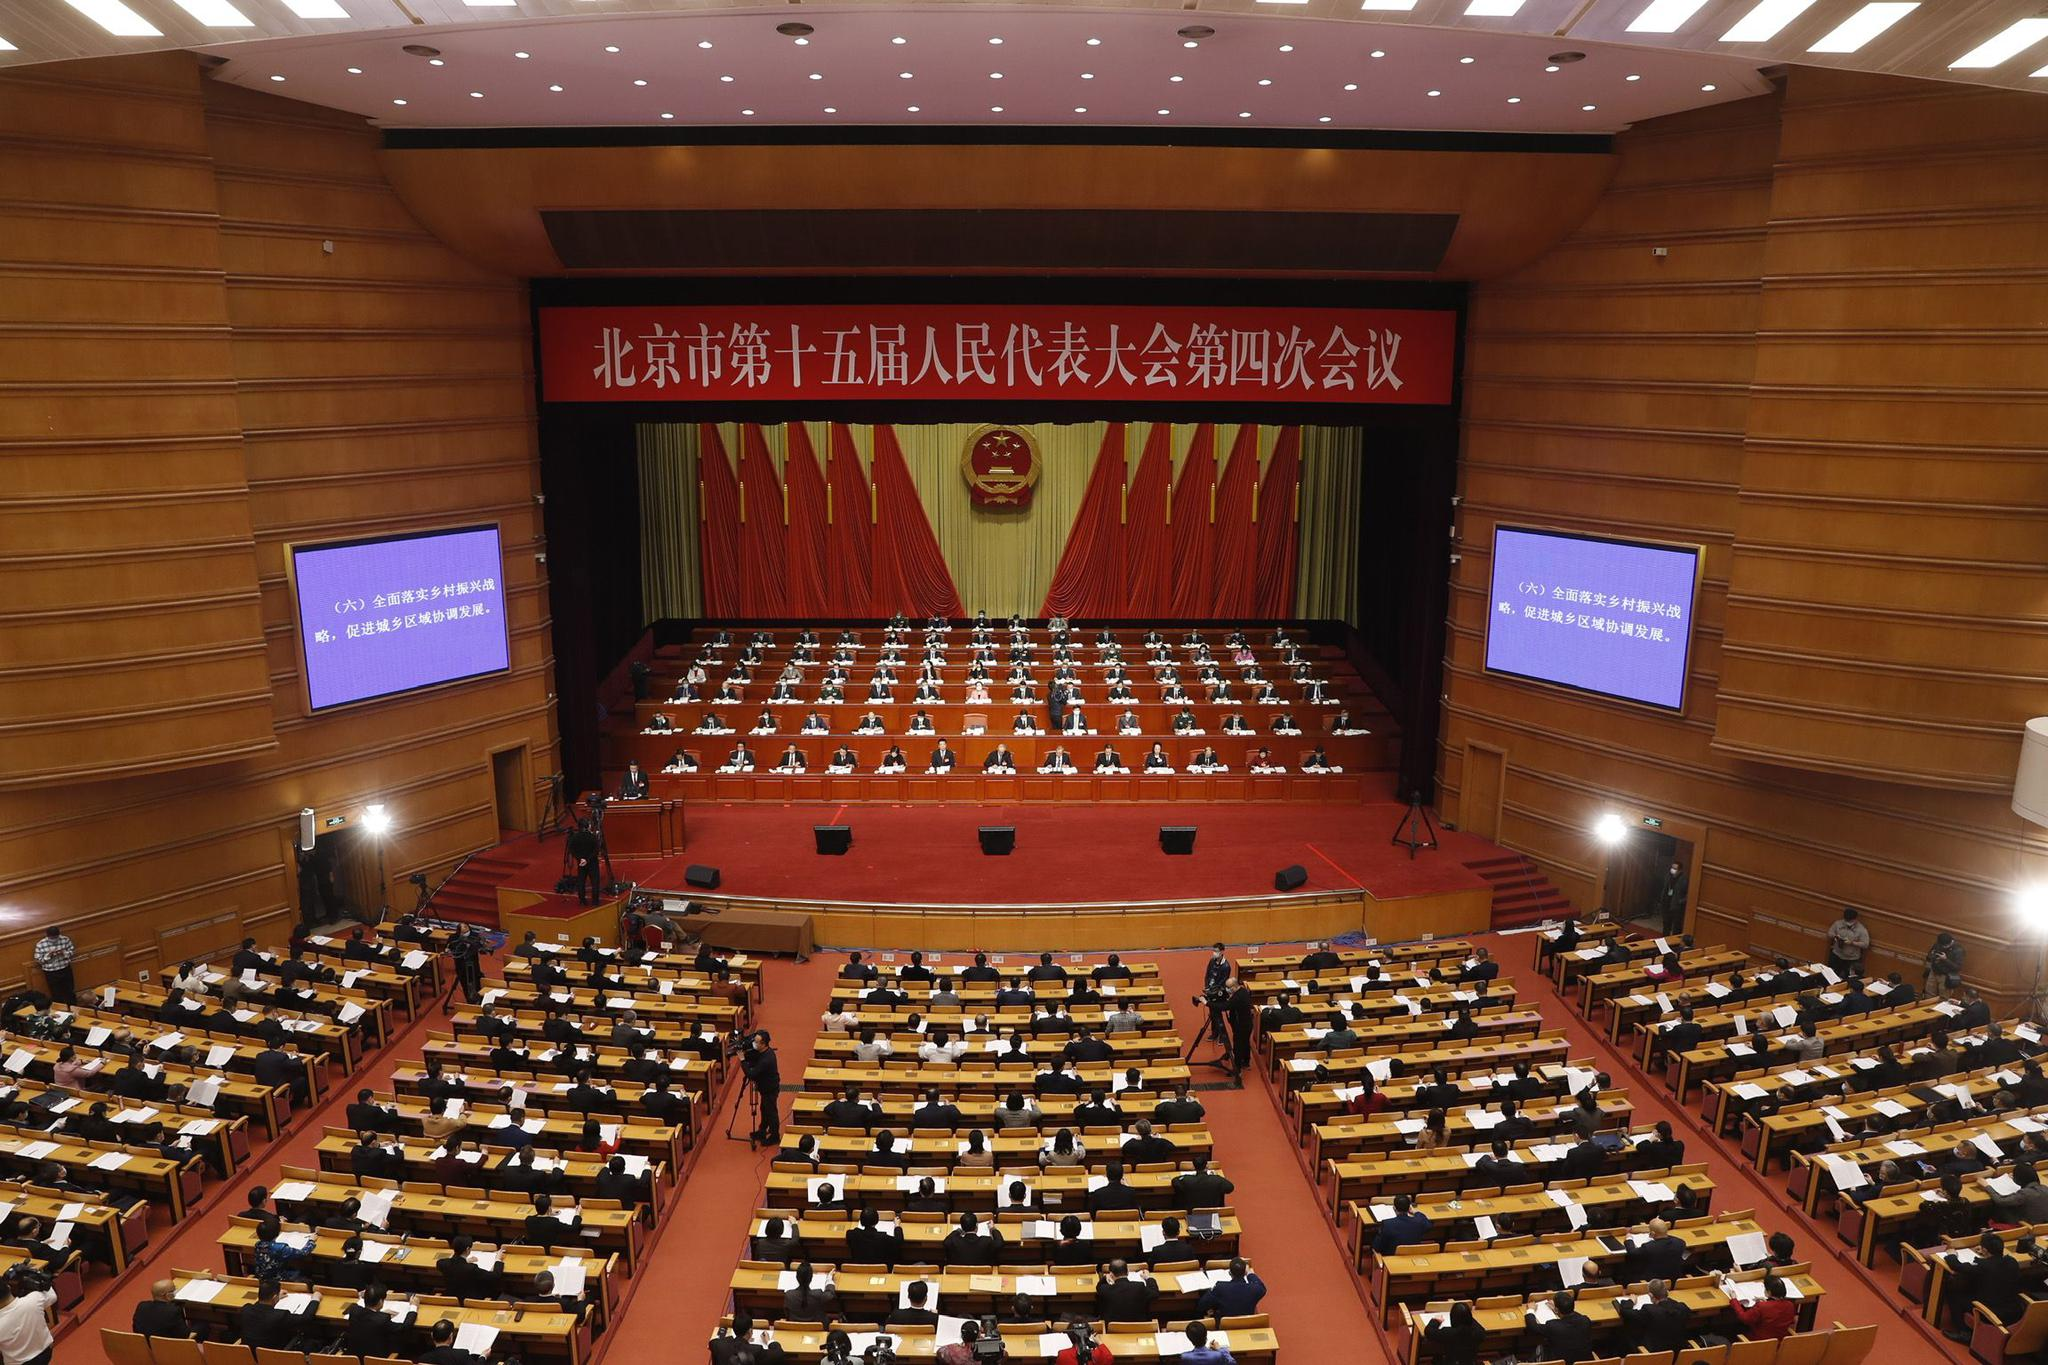 公共卫生密集立法修法,以制度护航健康北京 | 新京报社论